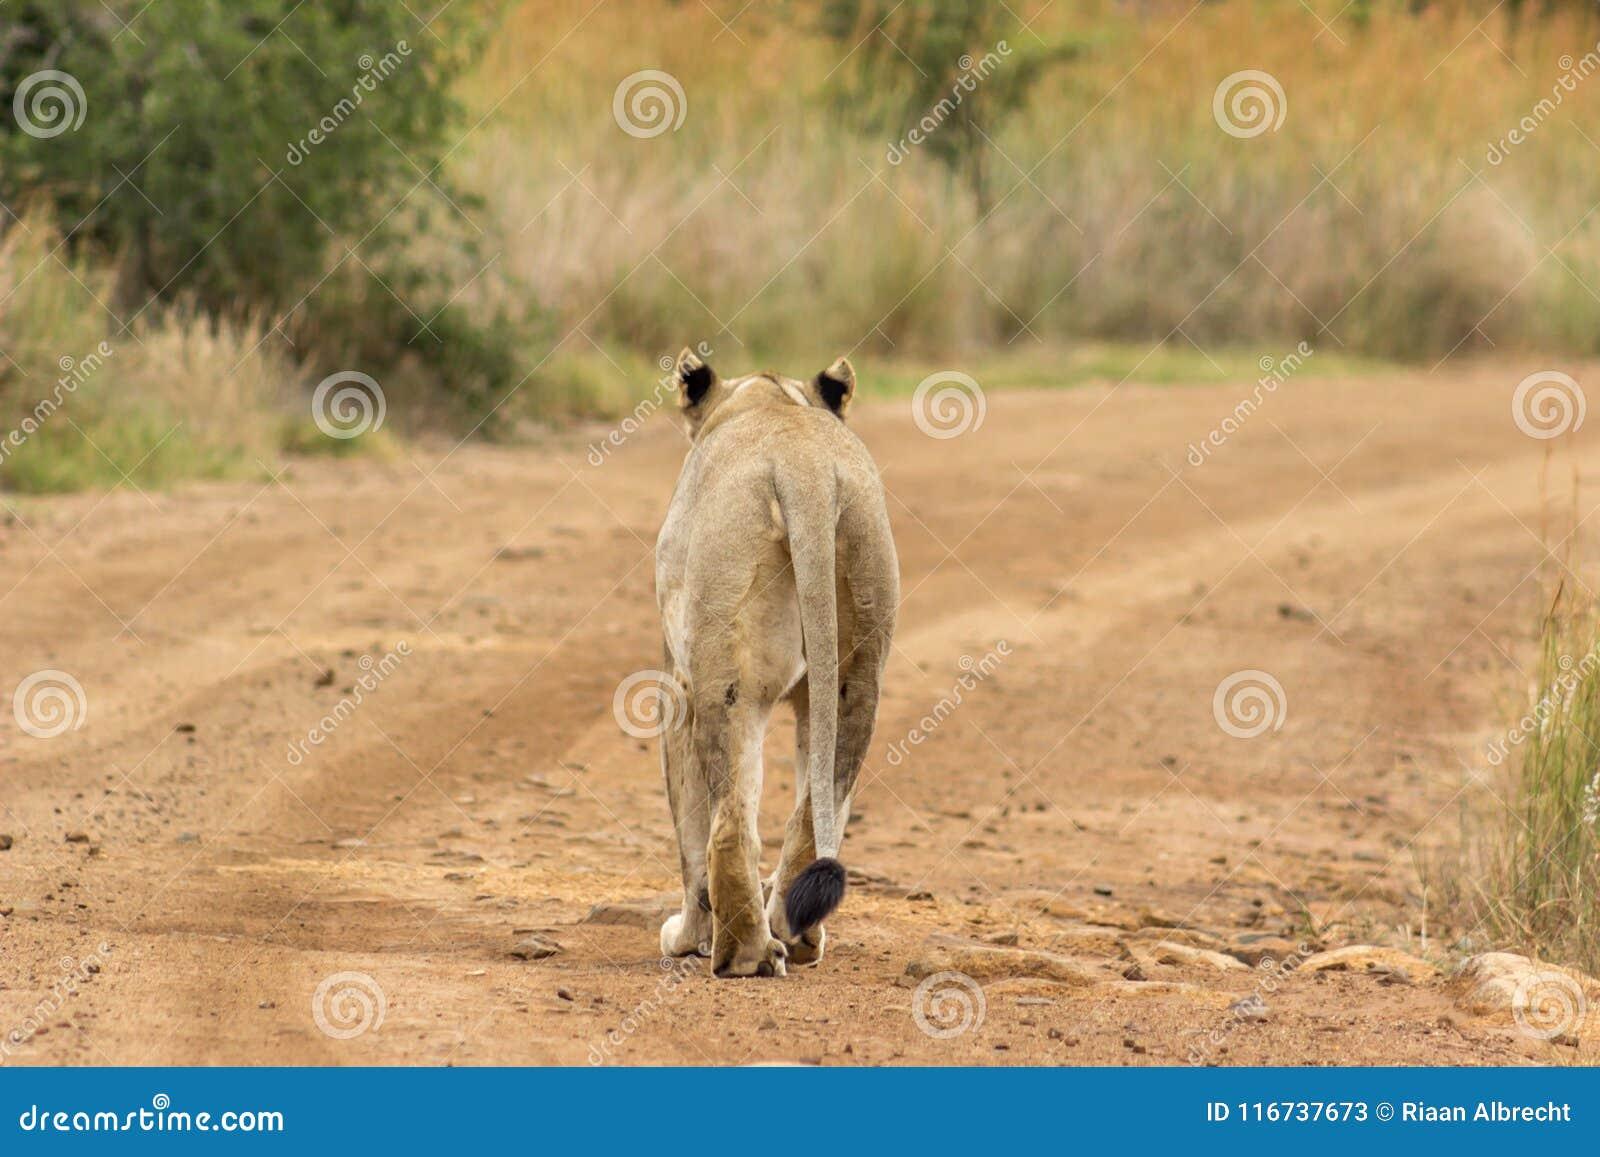 Löwin, die auf einen Schotterweg geht